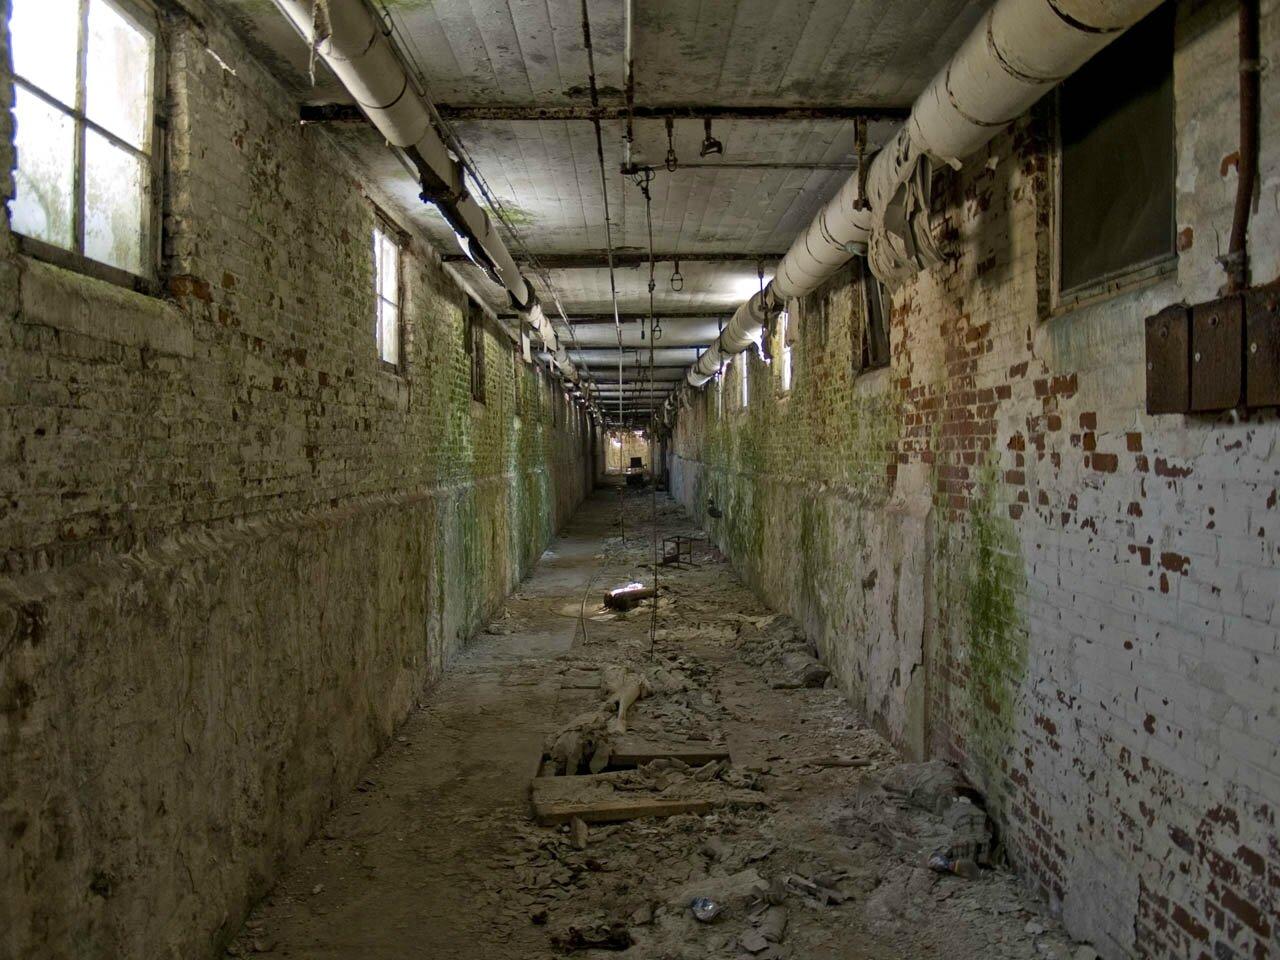 Un tunnel de l'hôpital de Norwich State